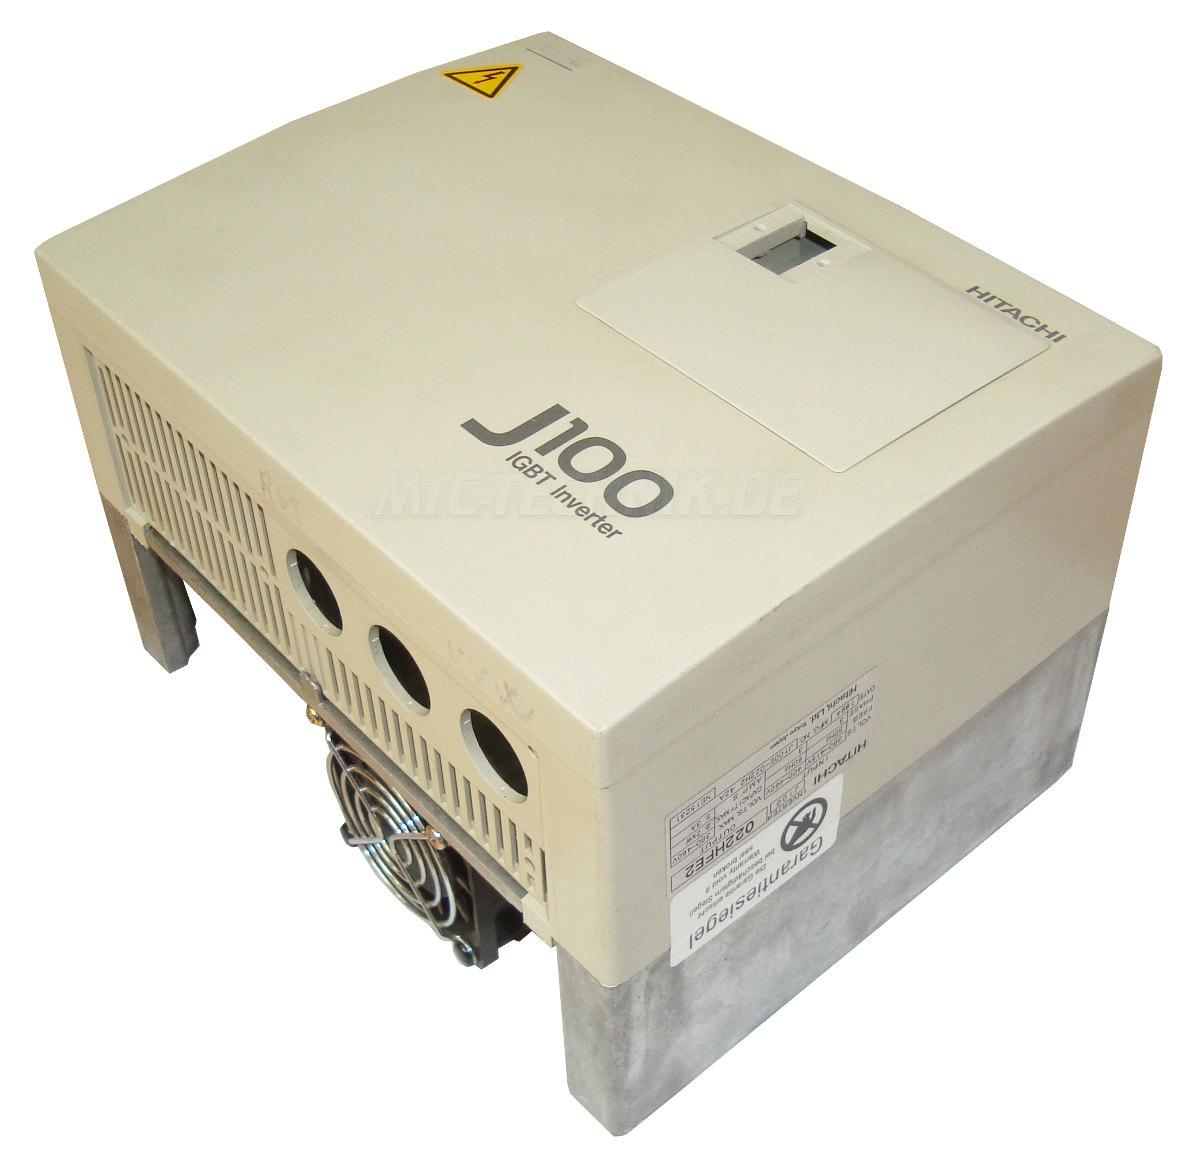 2 Shop Igbt Inverter J100-022hfe2 Hitachi Mit Garantie